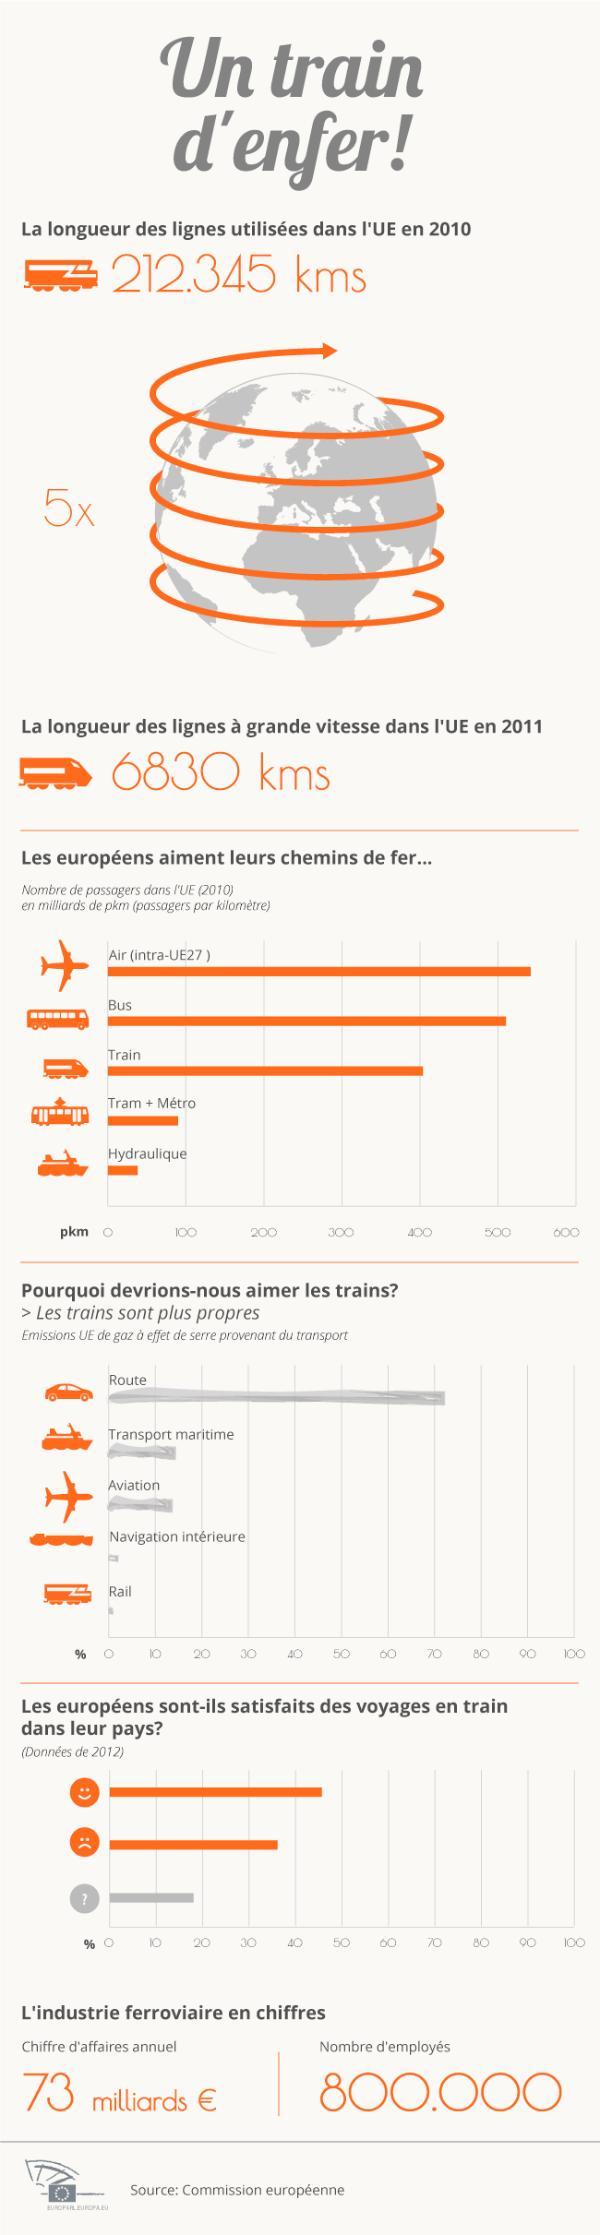 Infographie sur le secteur du rail en Europe